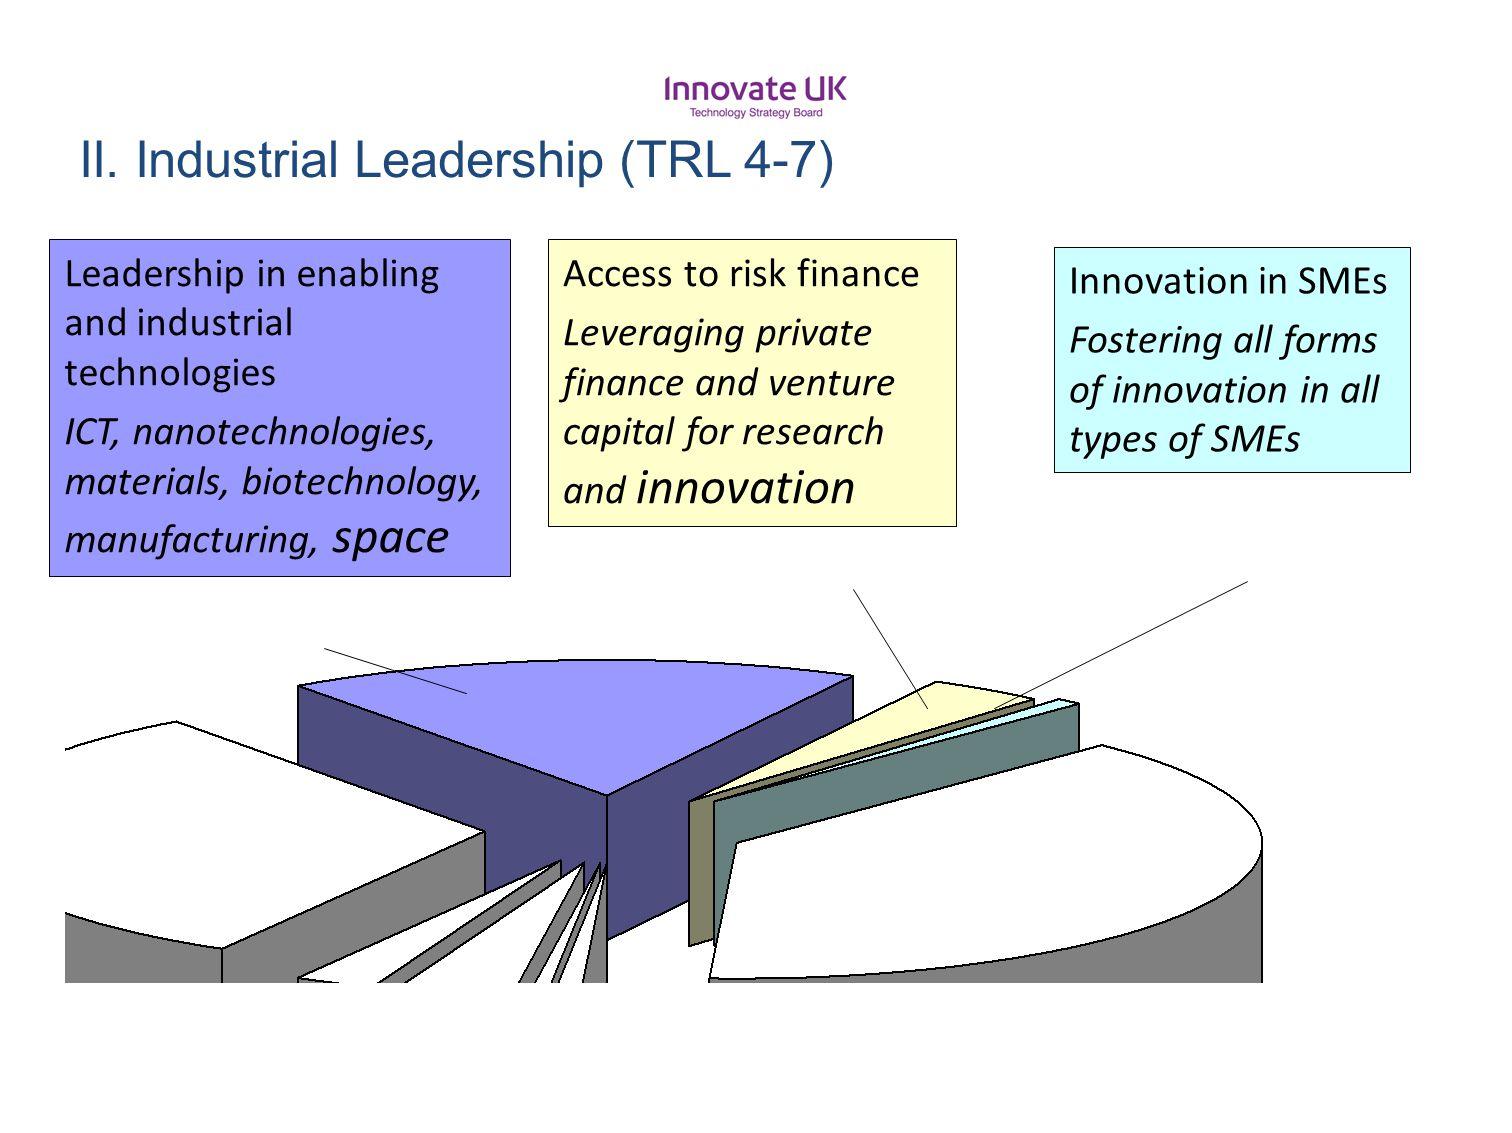 II. Industrial Leadership (TRL 4-7)